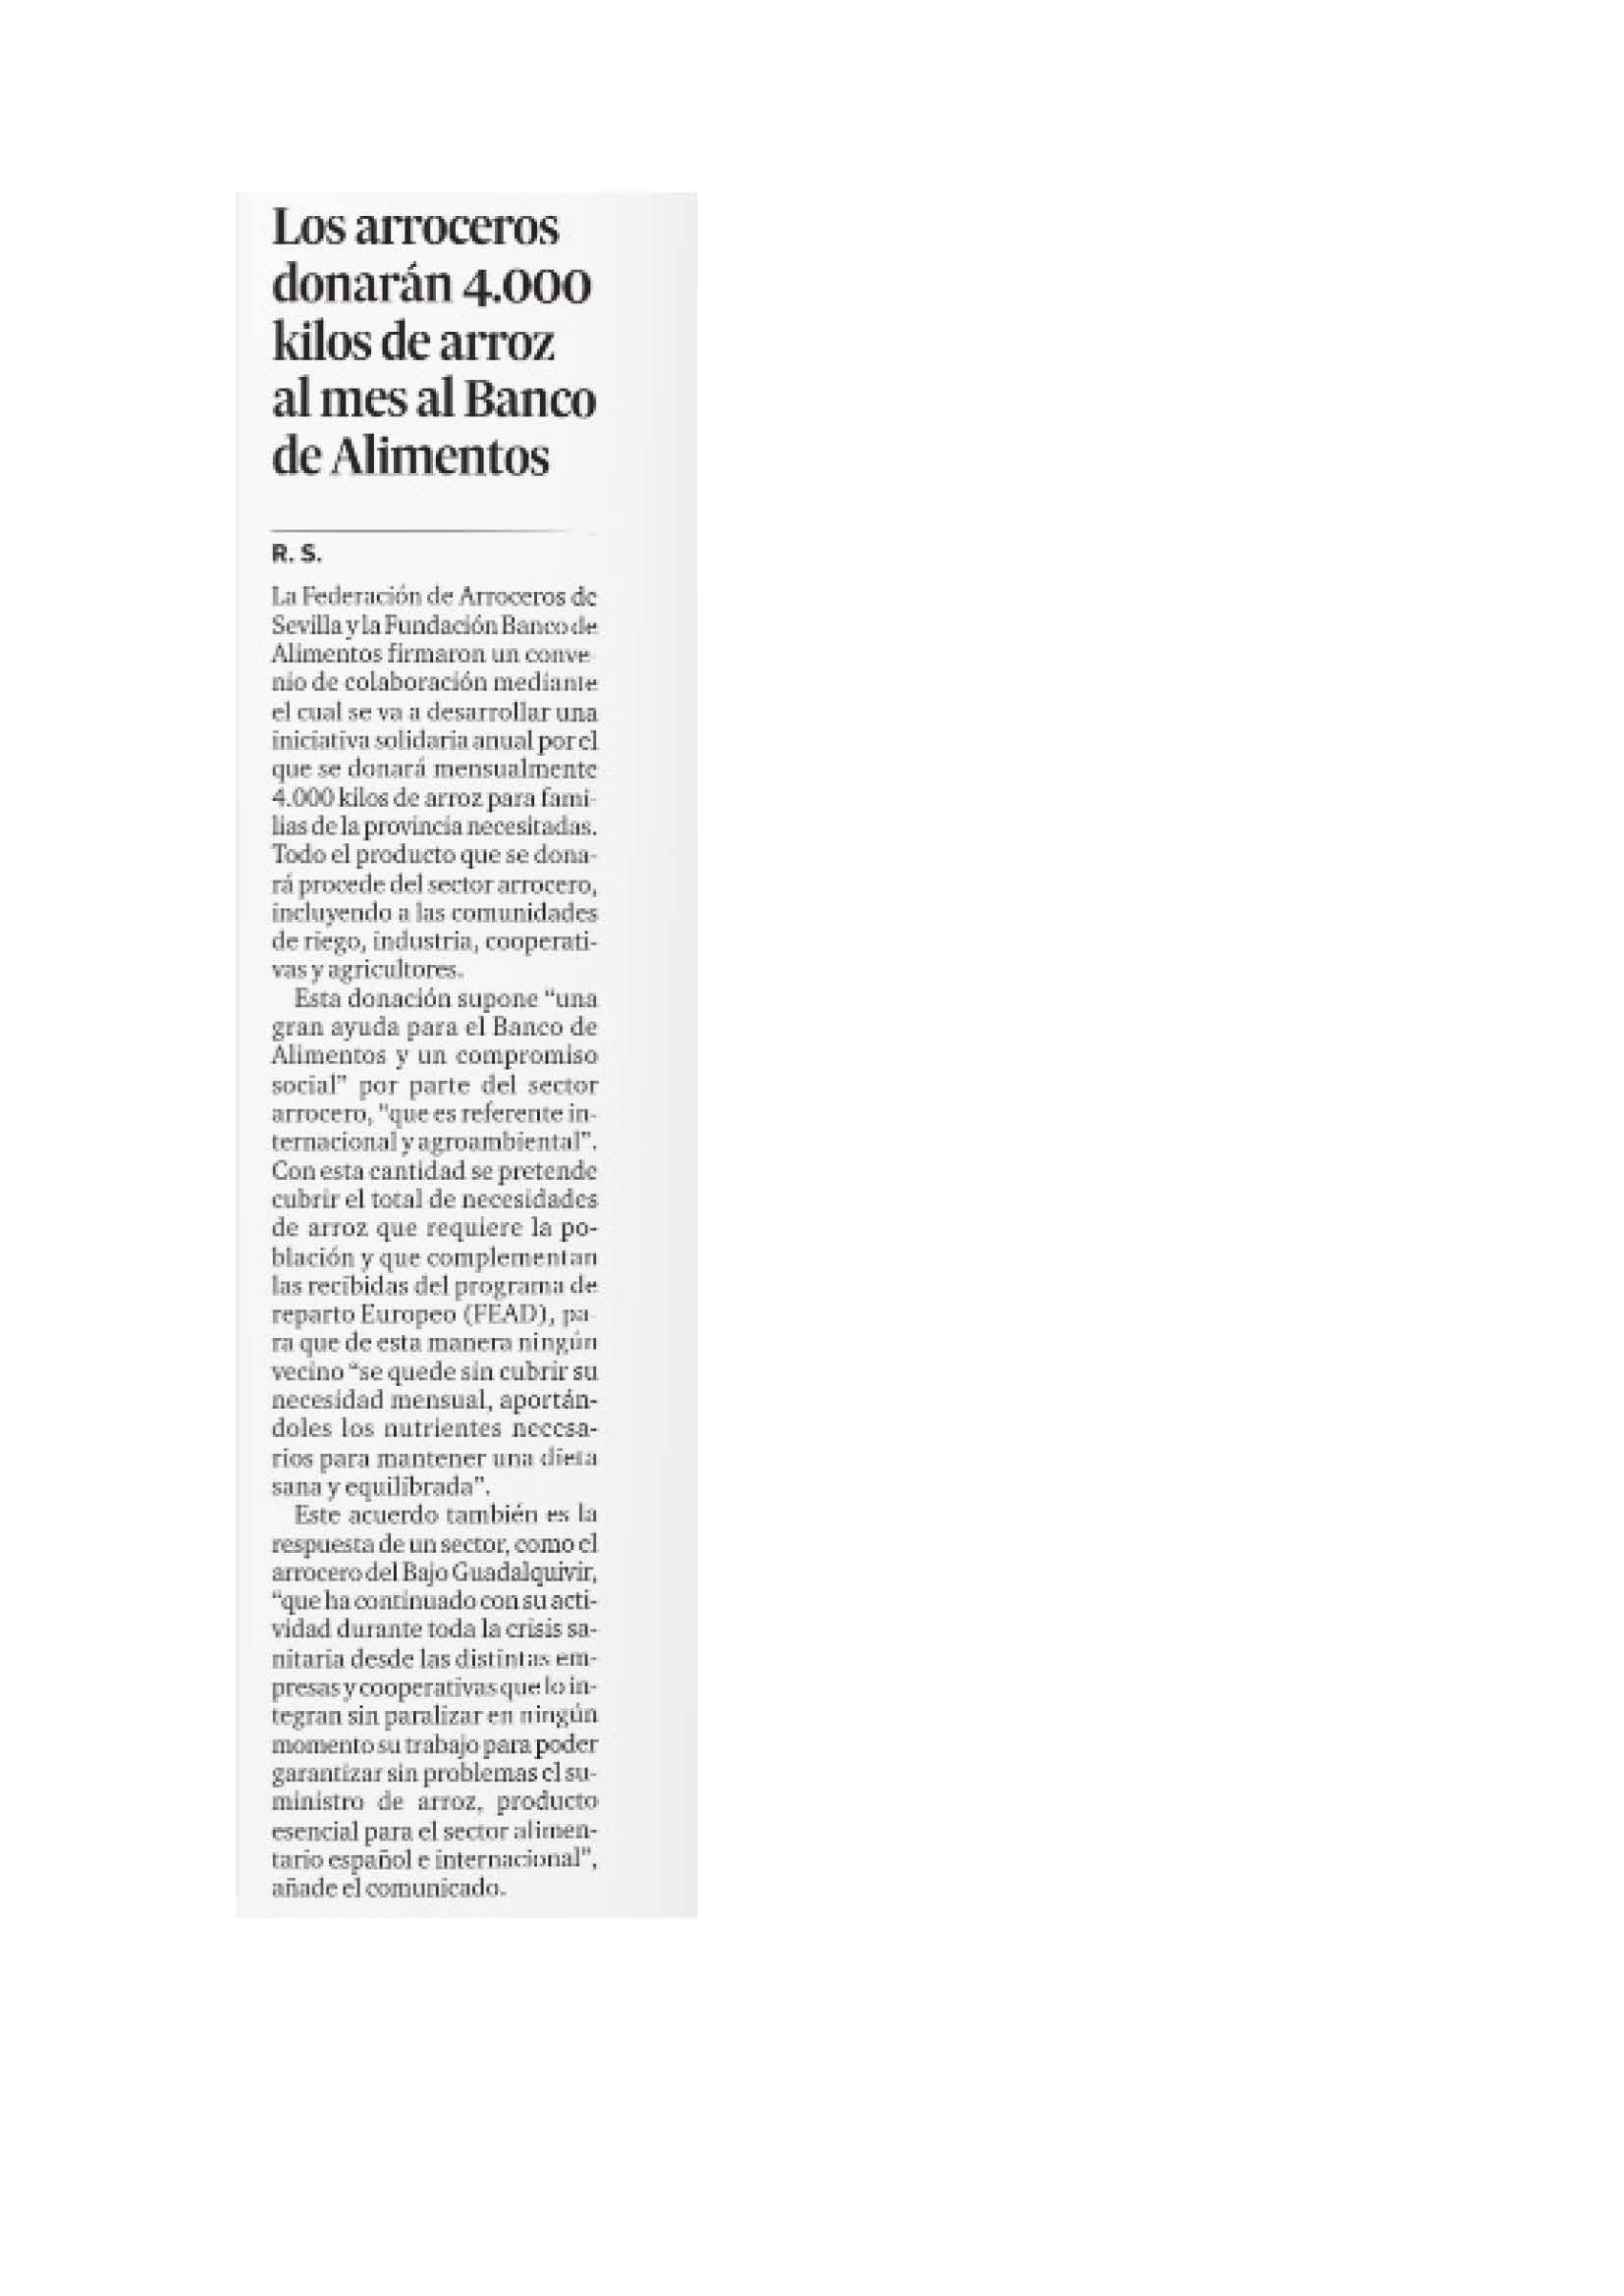 Diario de Sevilla, Edición Papel: Los Arroceros donarán 4000 kilos de arroz al mes al banco de Alimentos.